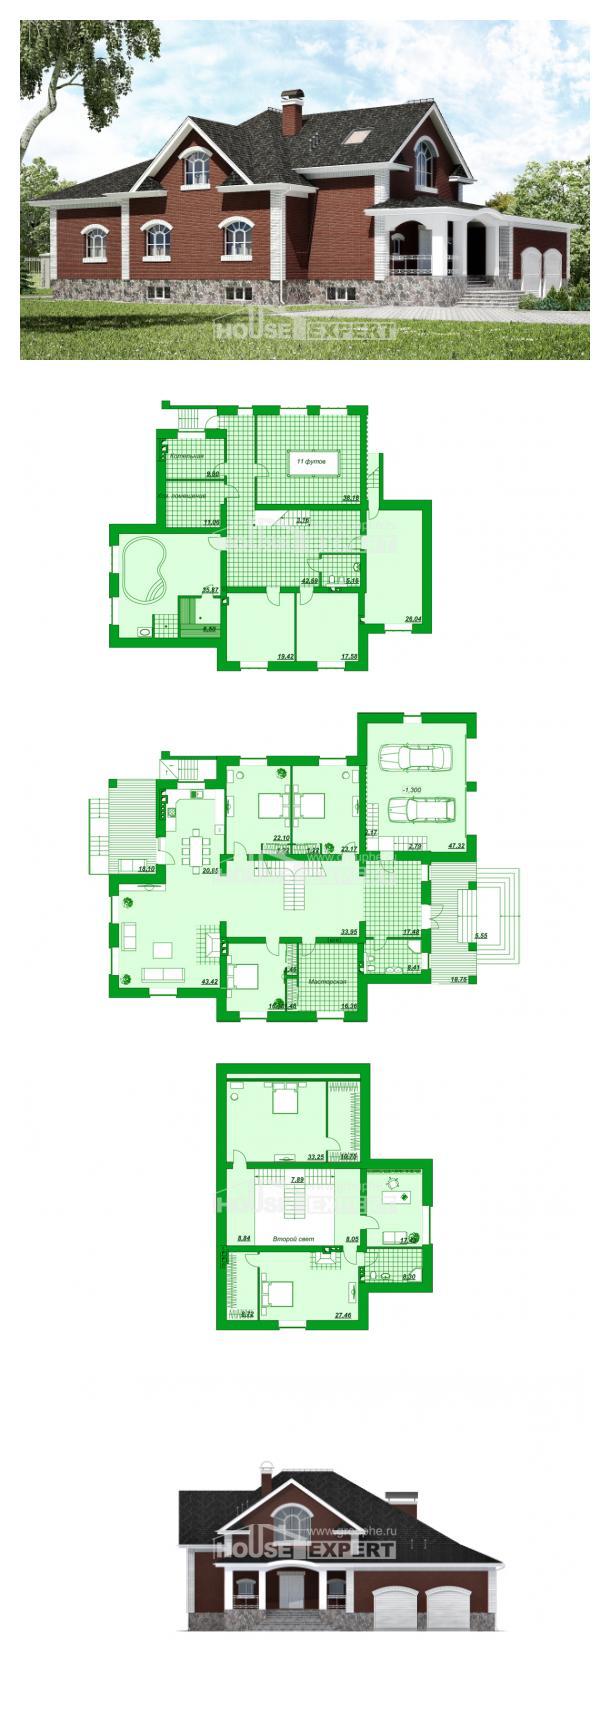 Plan 600-001-R | House Expert